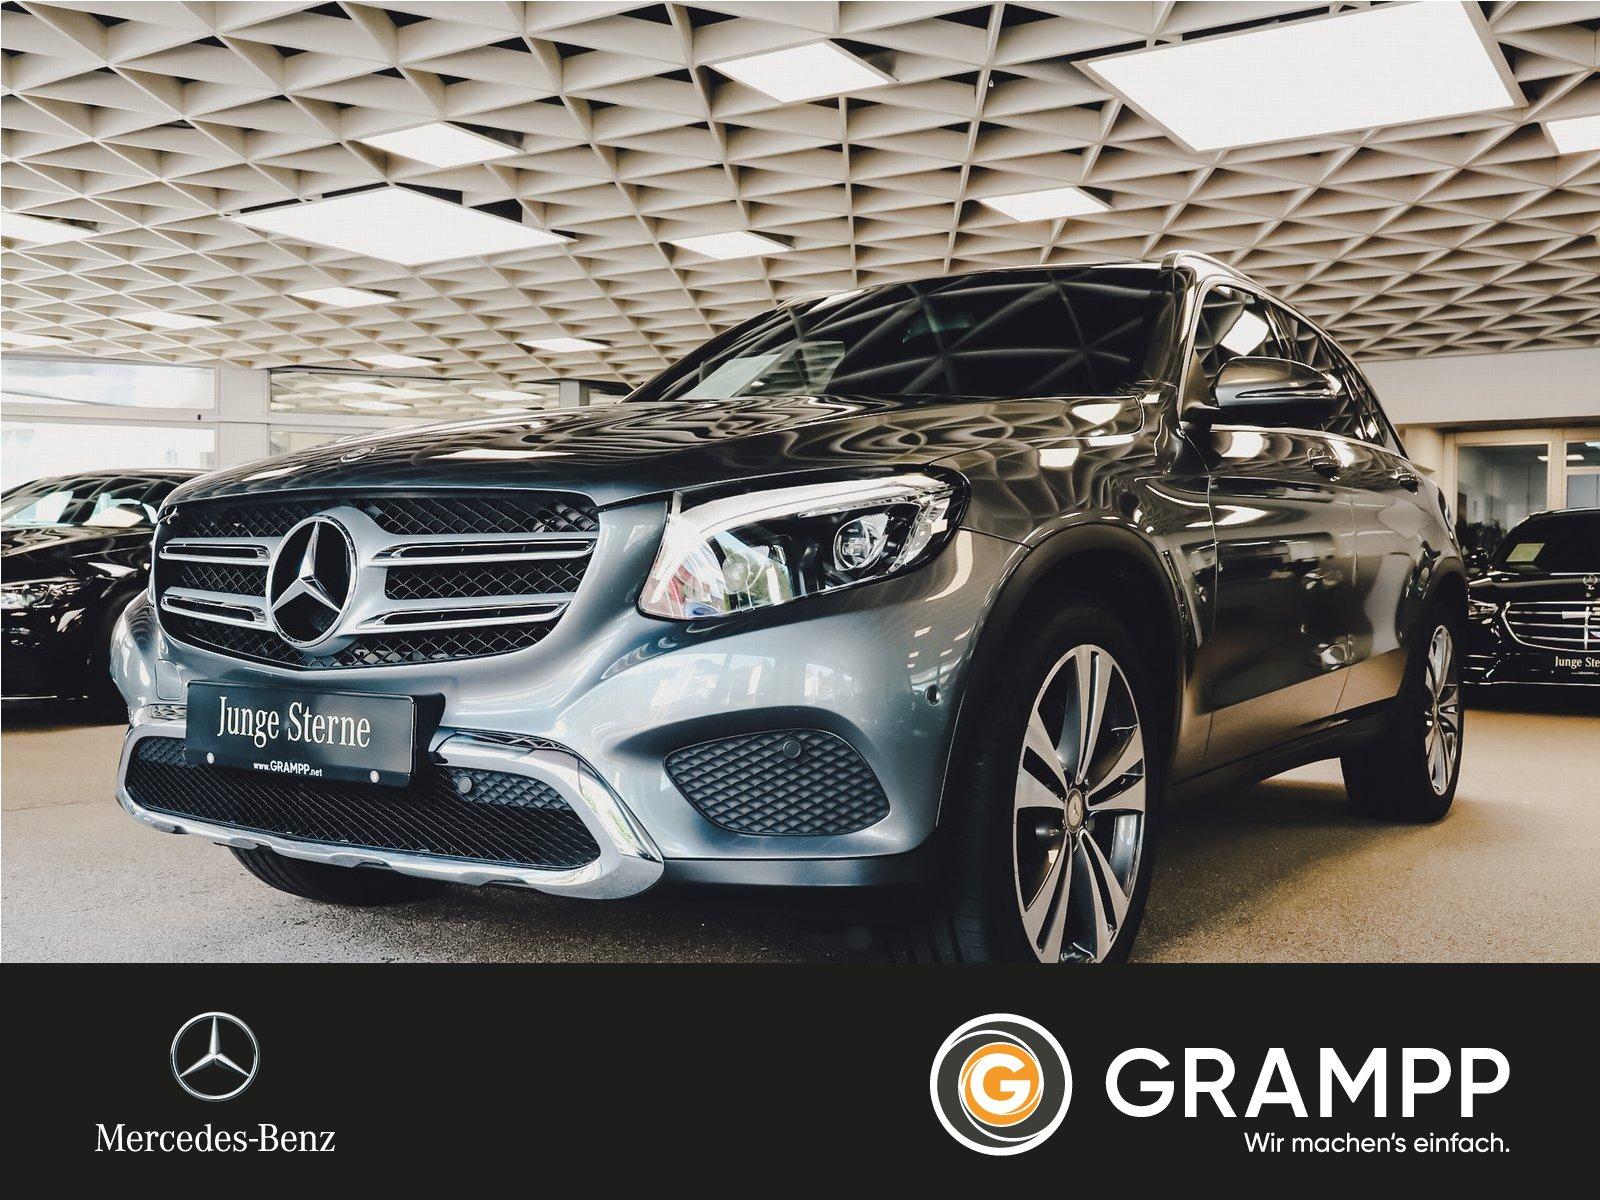 Mercedes-Benz GLC 220 d 4M Exclusive Panorama/Garmin/LED/Kamer, Jahr 2016, Diesel